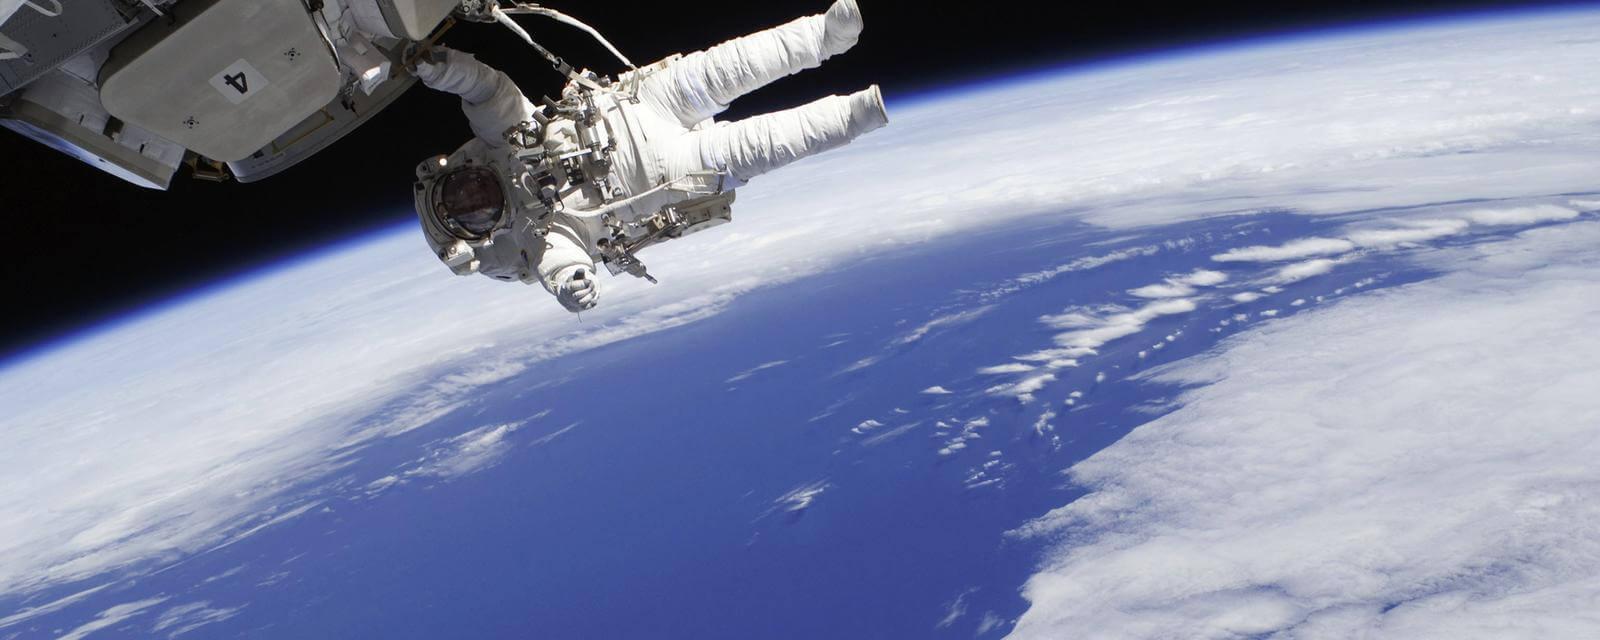 Чего только люди не отправляют в космос